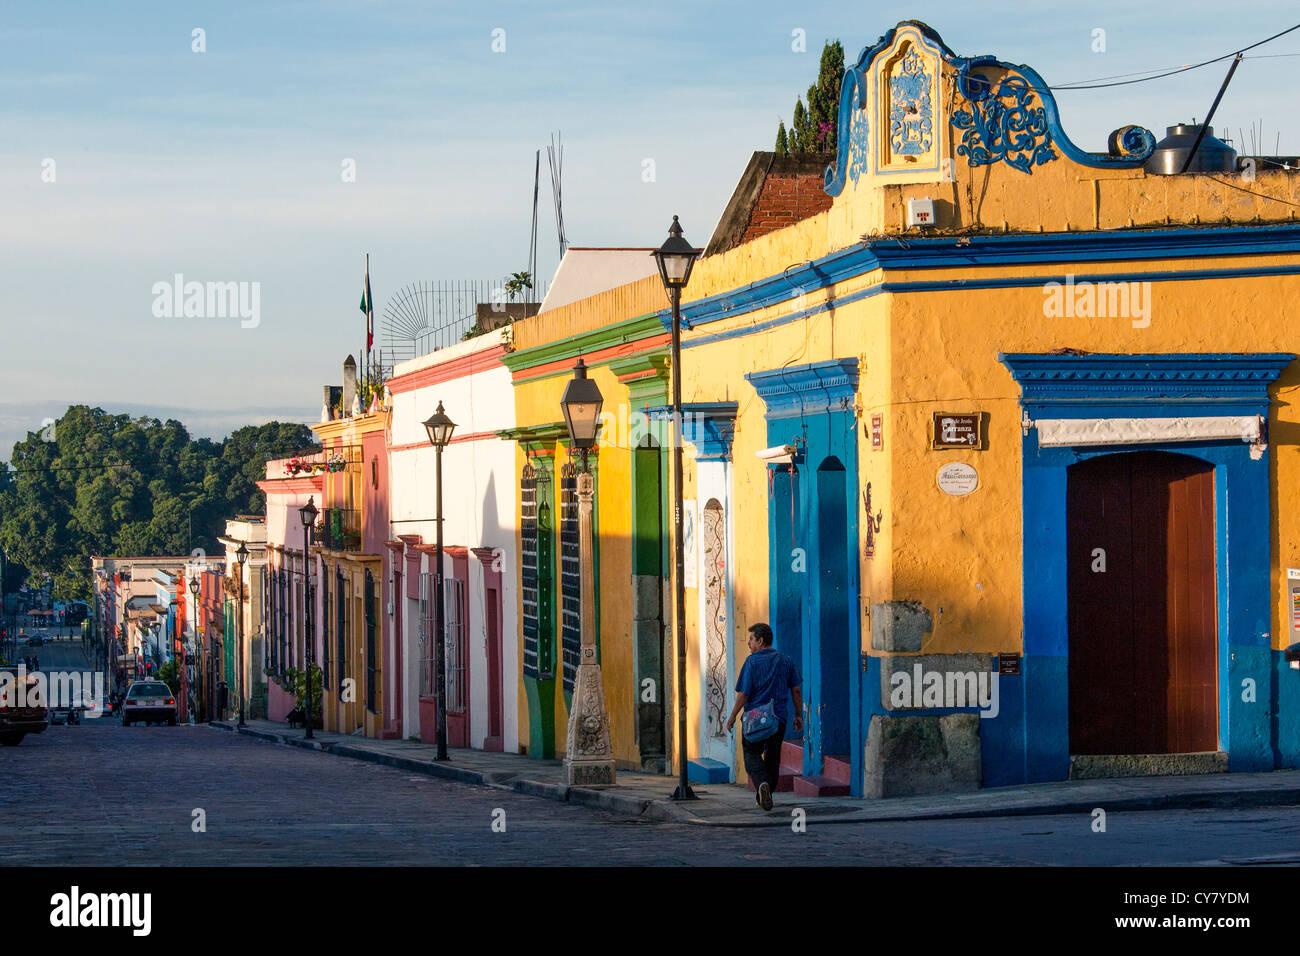 Case colorate linea veglia garcia street nel centro di Oaxaca, Messico. Immagini Stock